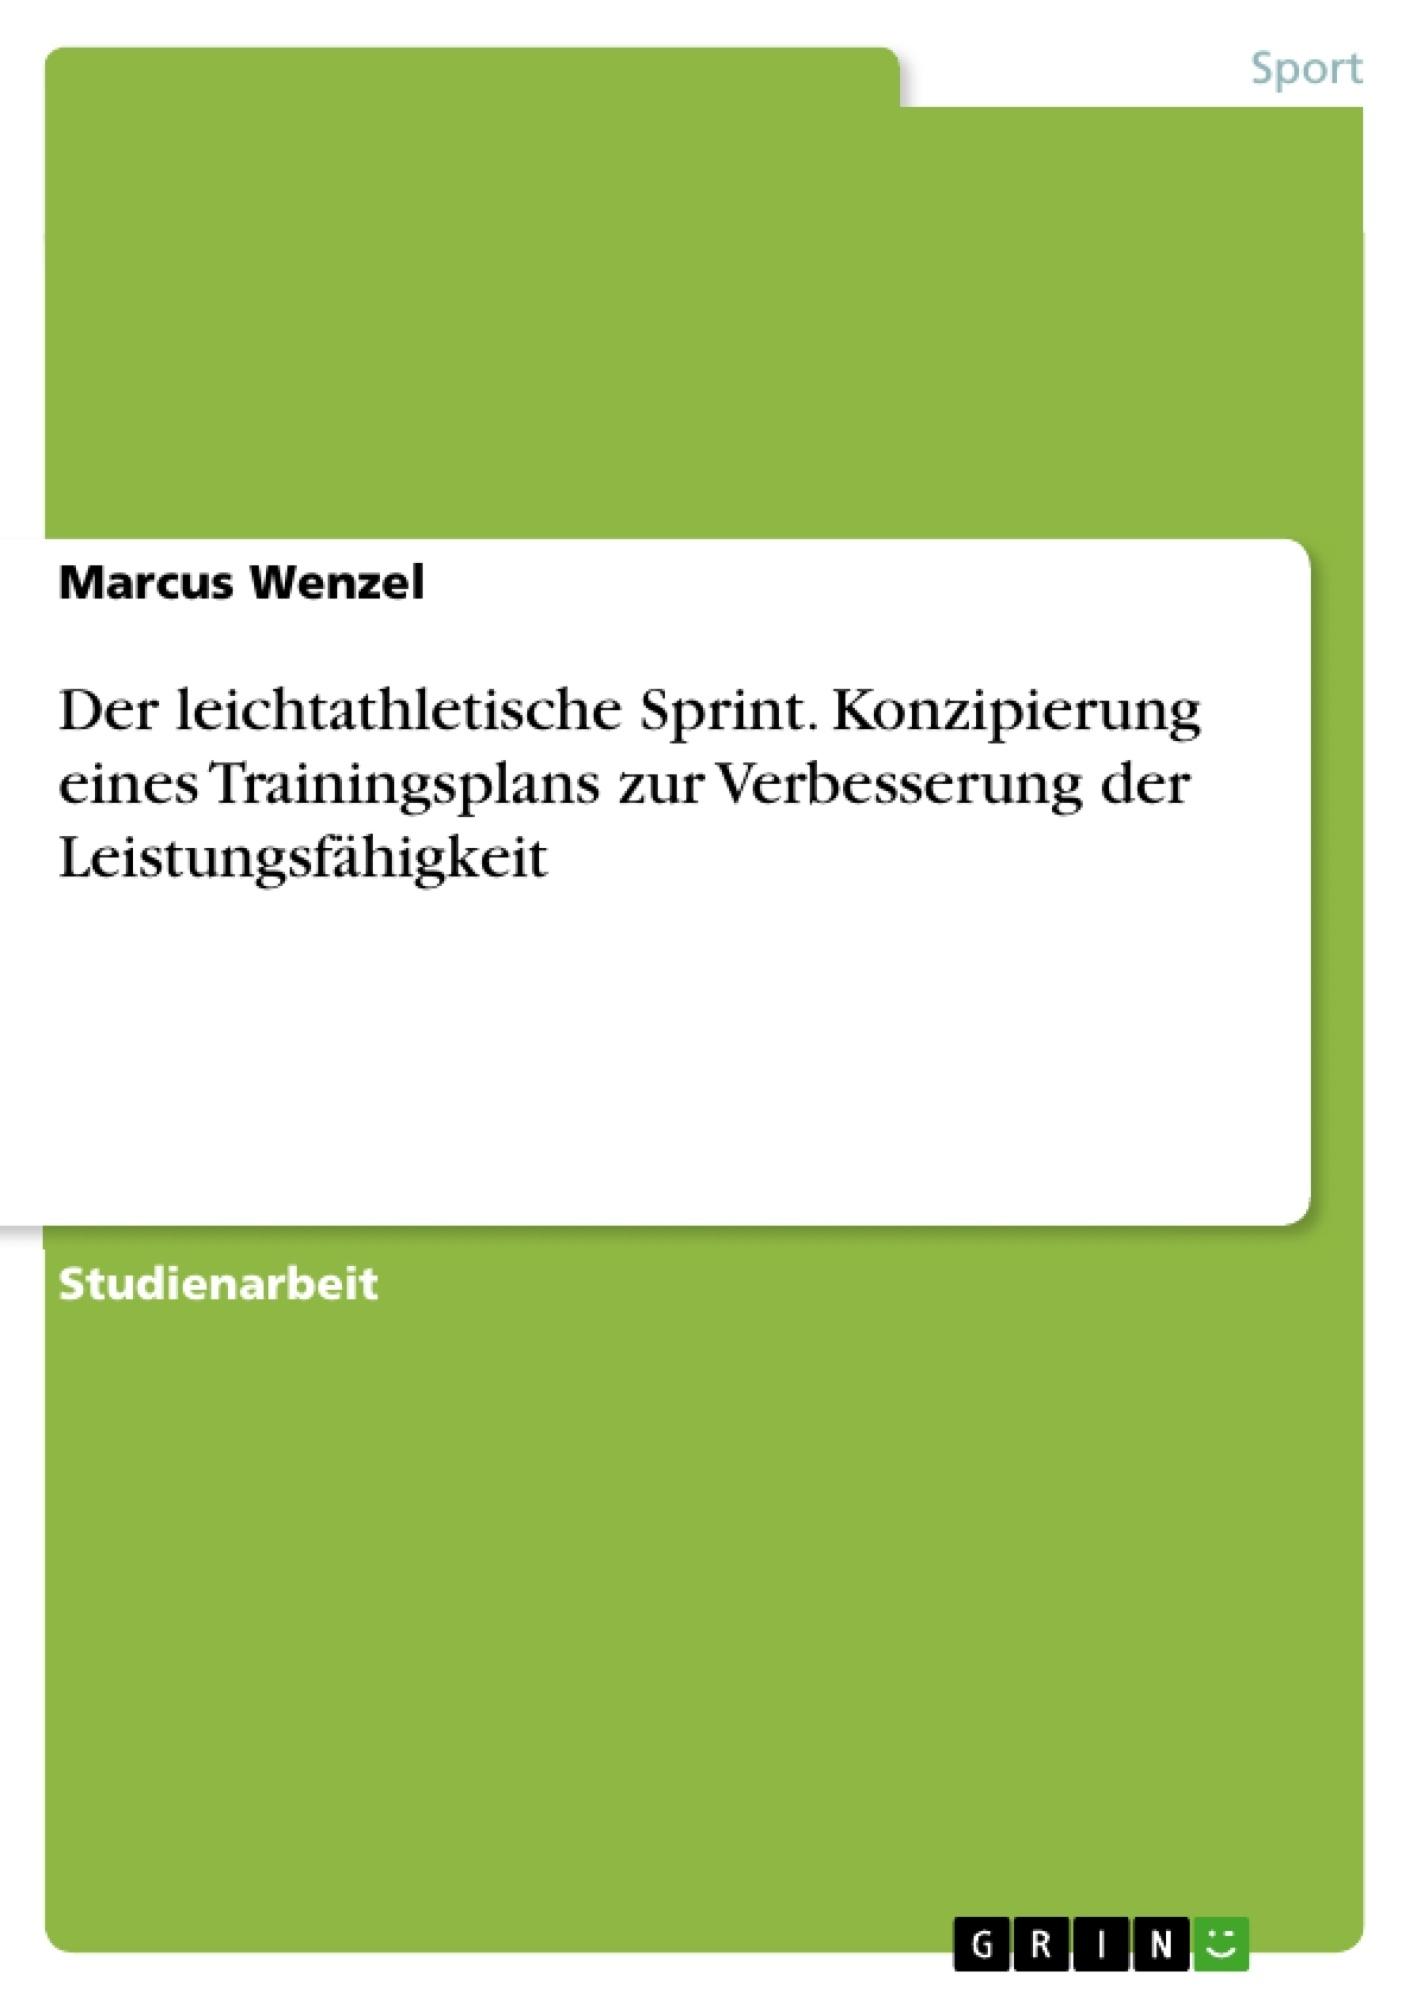 Titel: Der leichtathletische Sprint. Konzipierung eines Trainingsplans zur Verbesserung der Leistungsfähigkeit